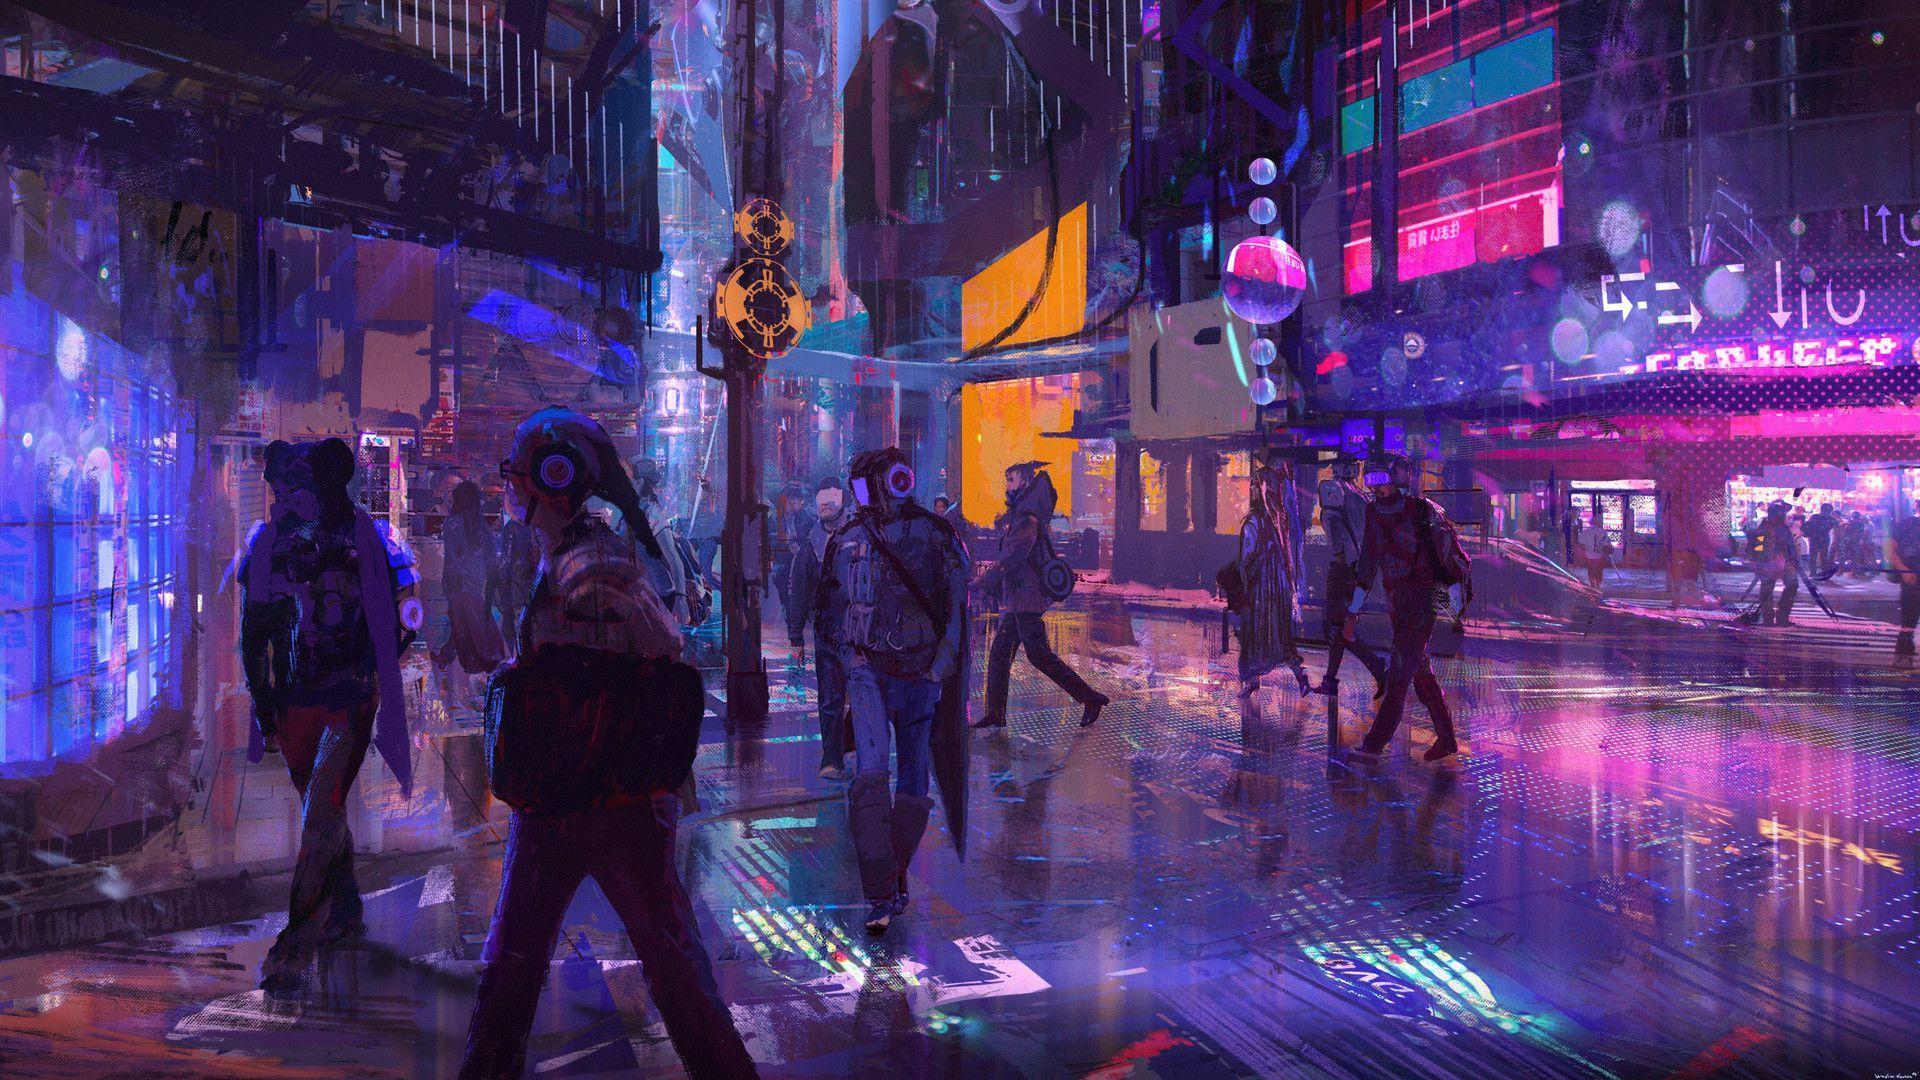 Cyberpunk Wallpapers Top Free Cyberpunk Backgrounds Wallpaperaccess